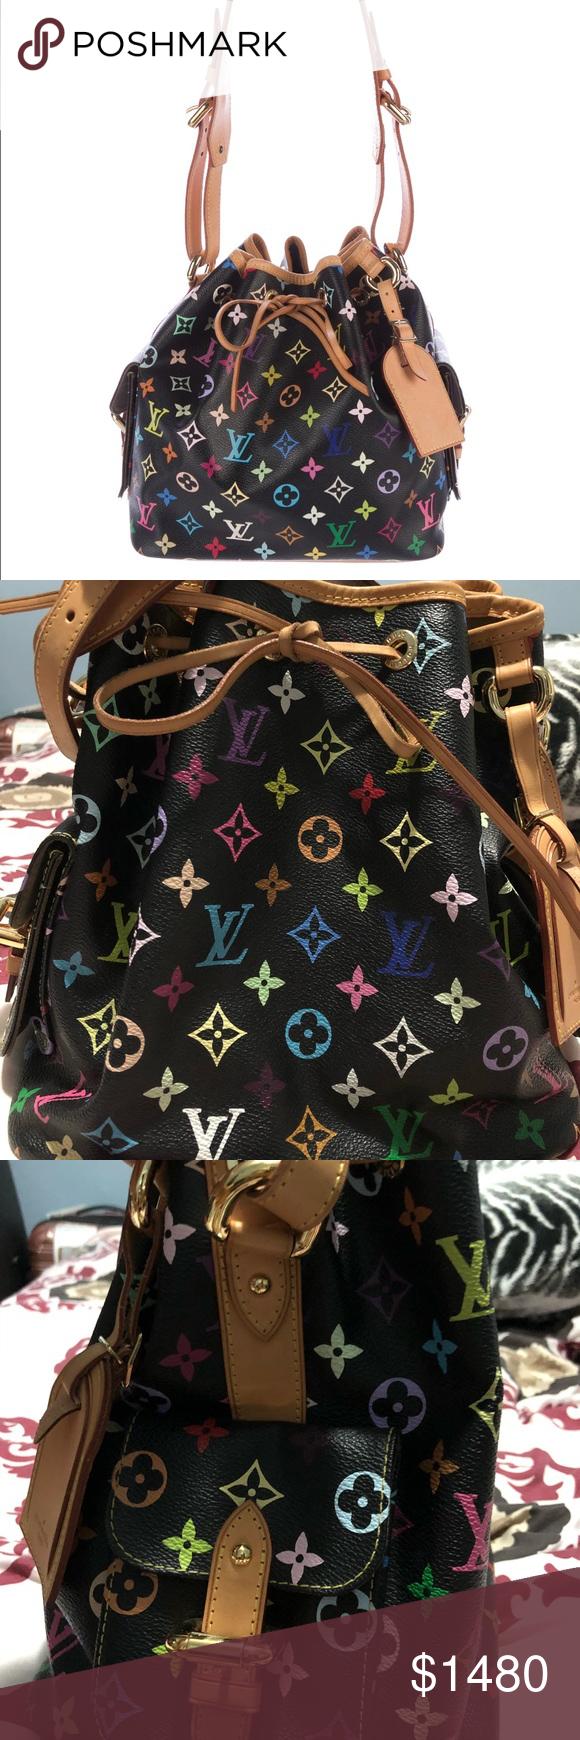 e2a32f168168 Louis Vuitton Multicolor Noe Bucket Shoulder Bag Authentic Limited Louis  Vuitton Black Multicolor Noe Bucket Bag